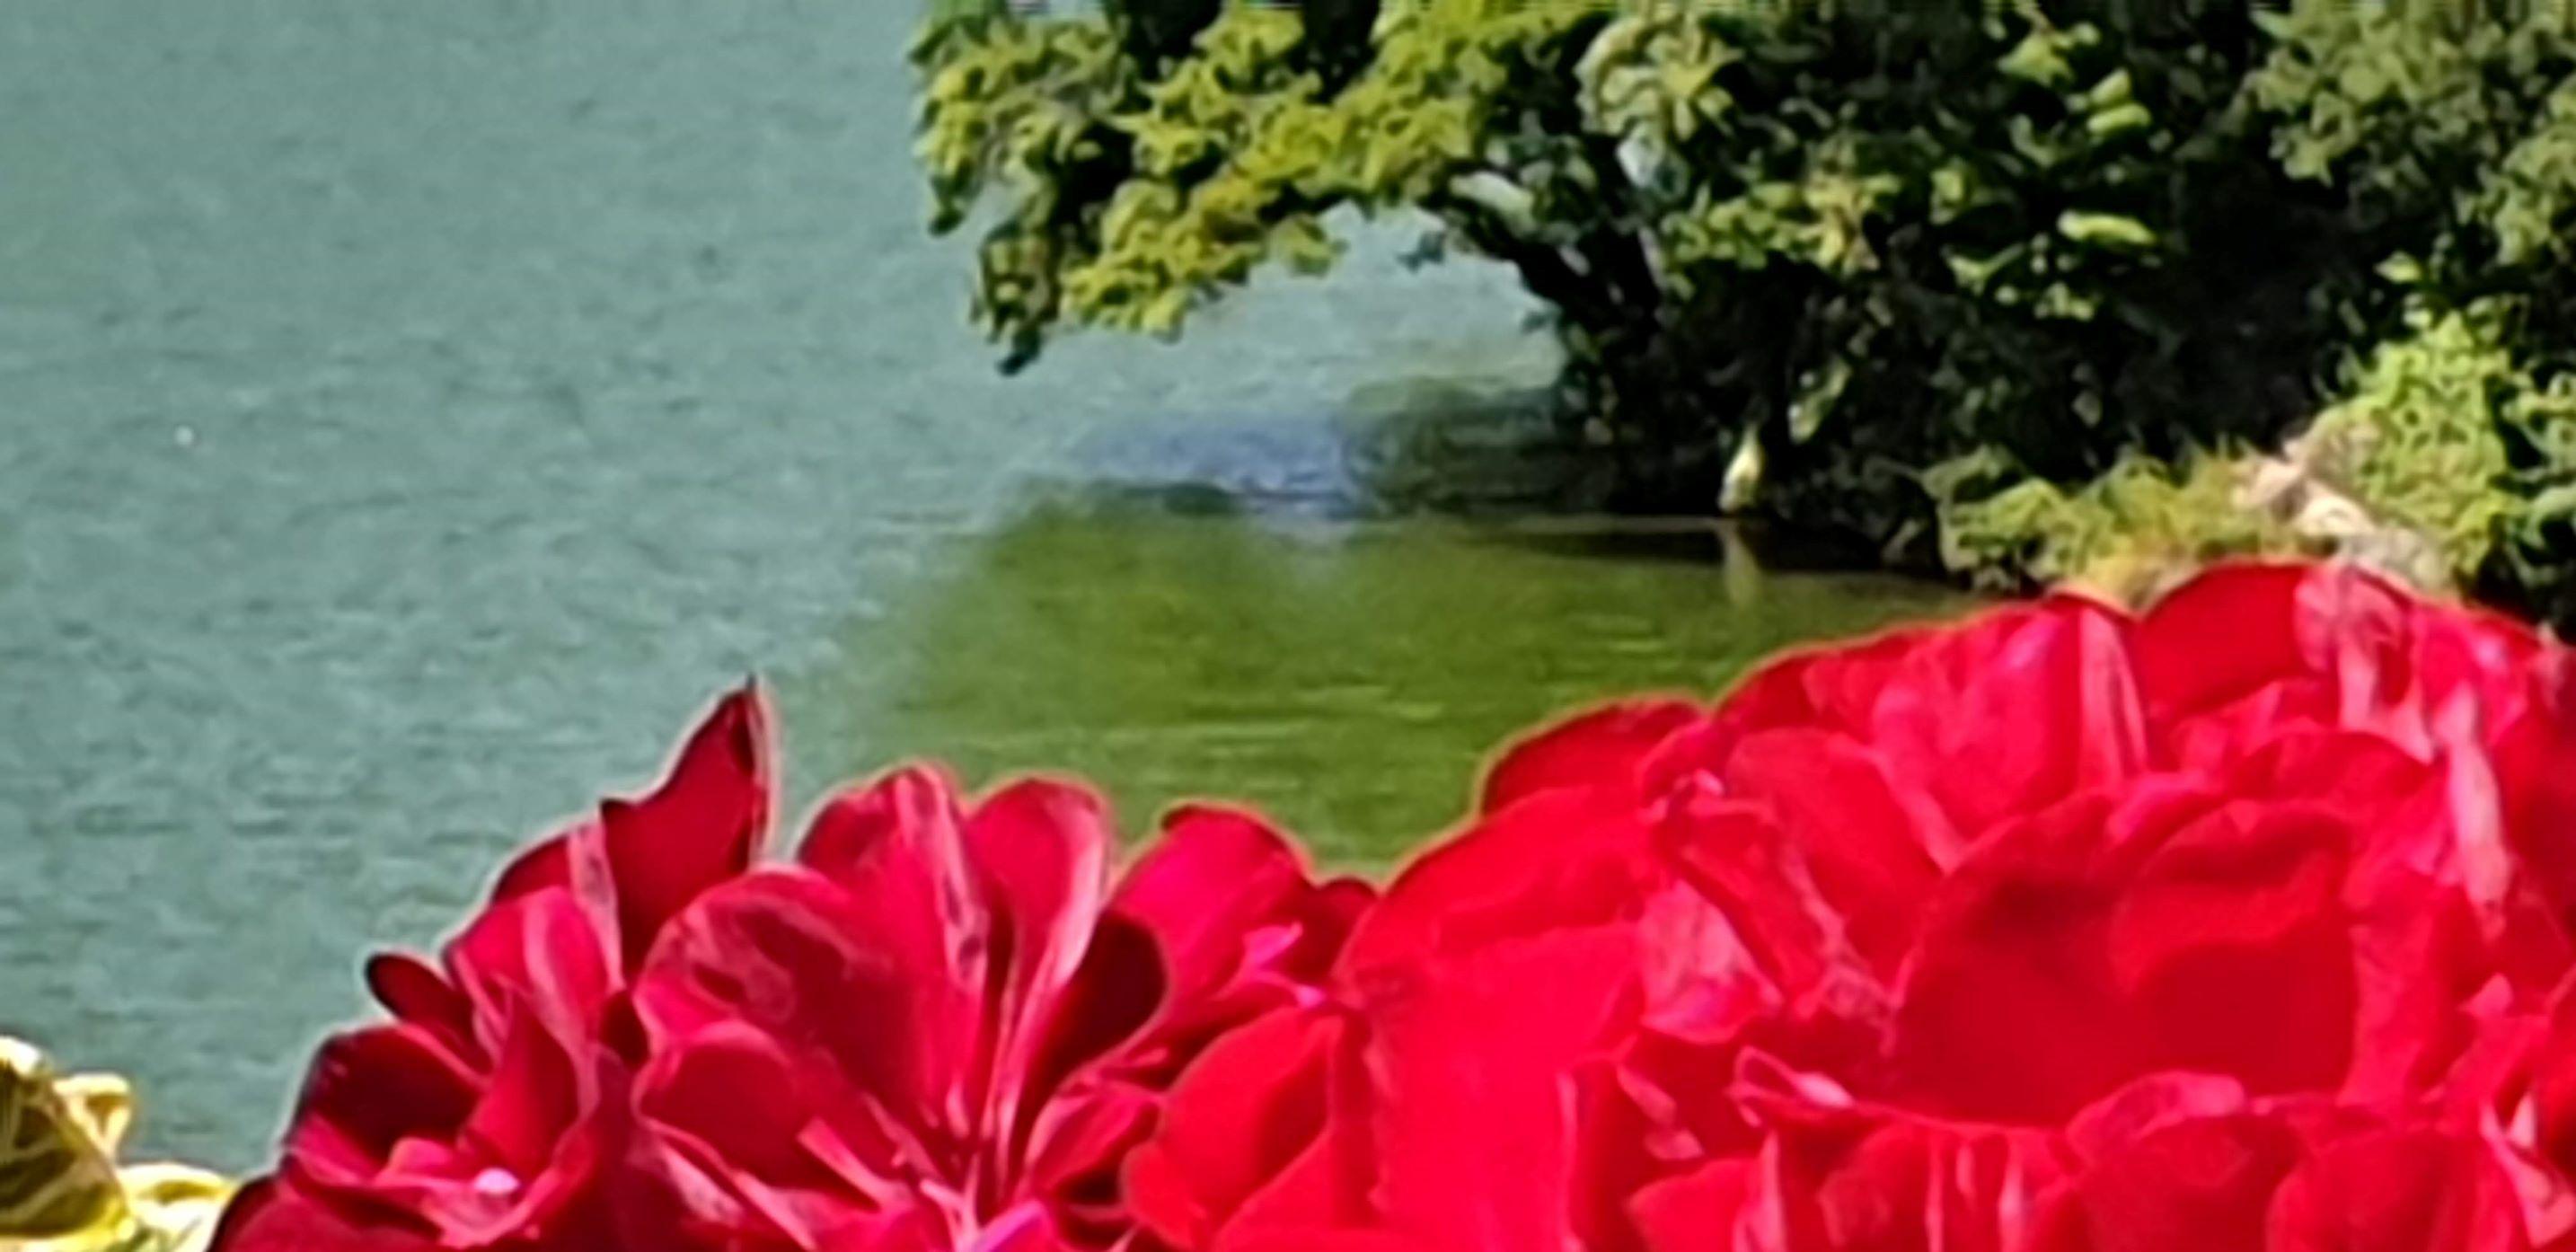 Ez nem egyszerű föld, hanem paradicsomi kert…és ha szíved van, akkor ezt érezned kell…